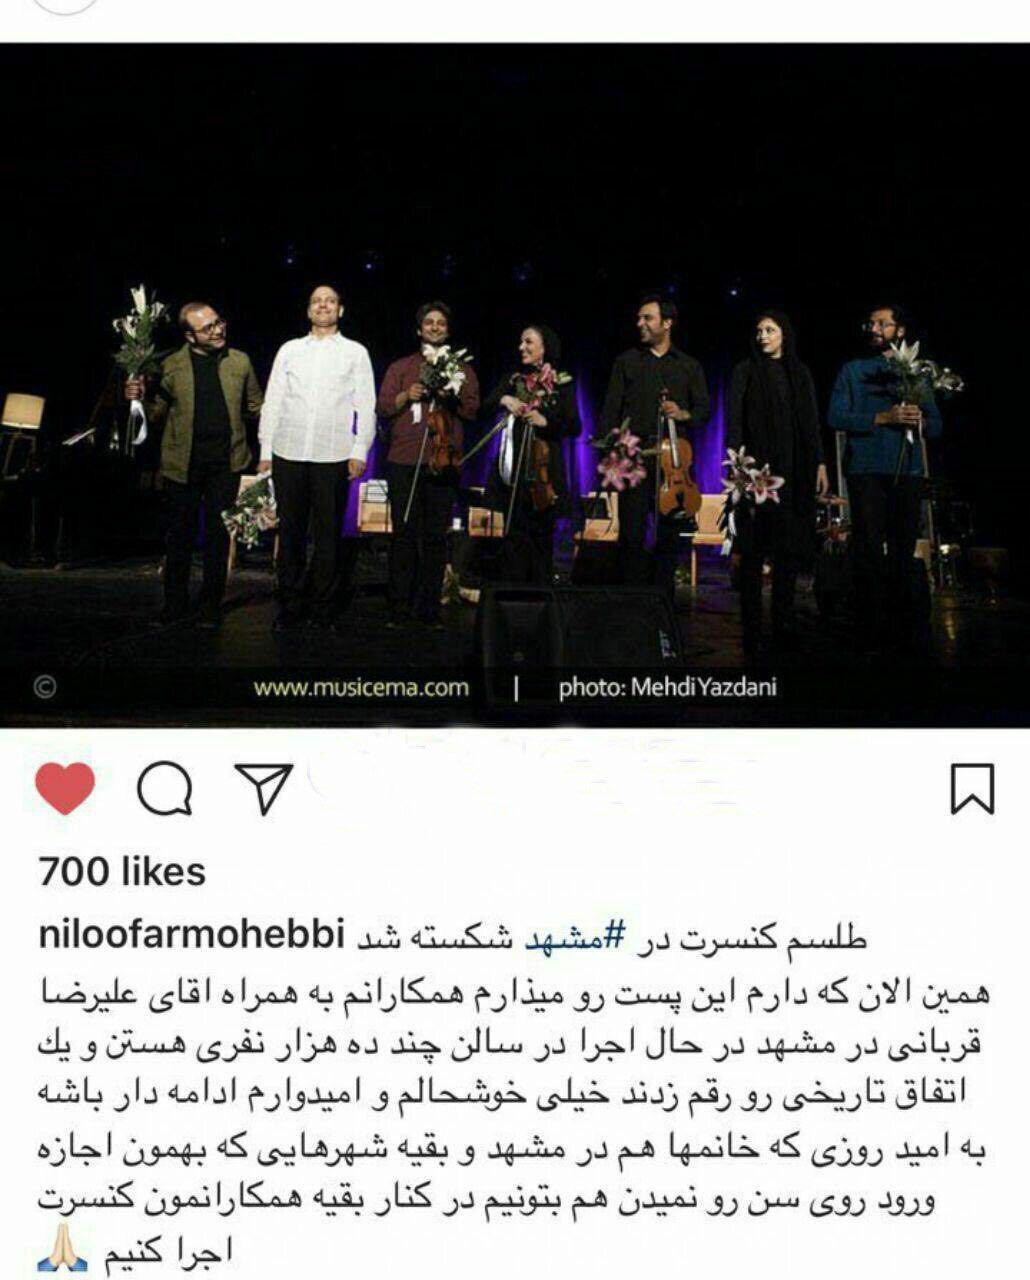 طلسم کنسرت در مشهد شکسته شد